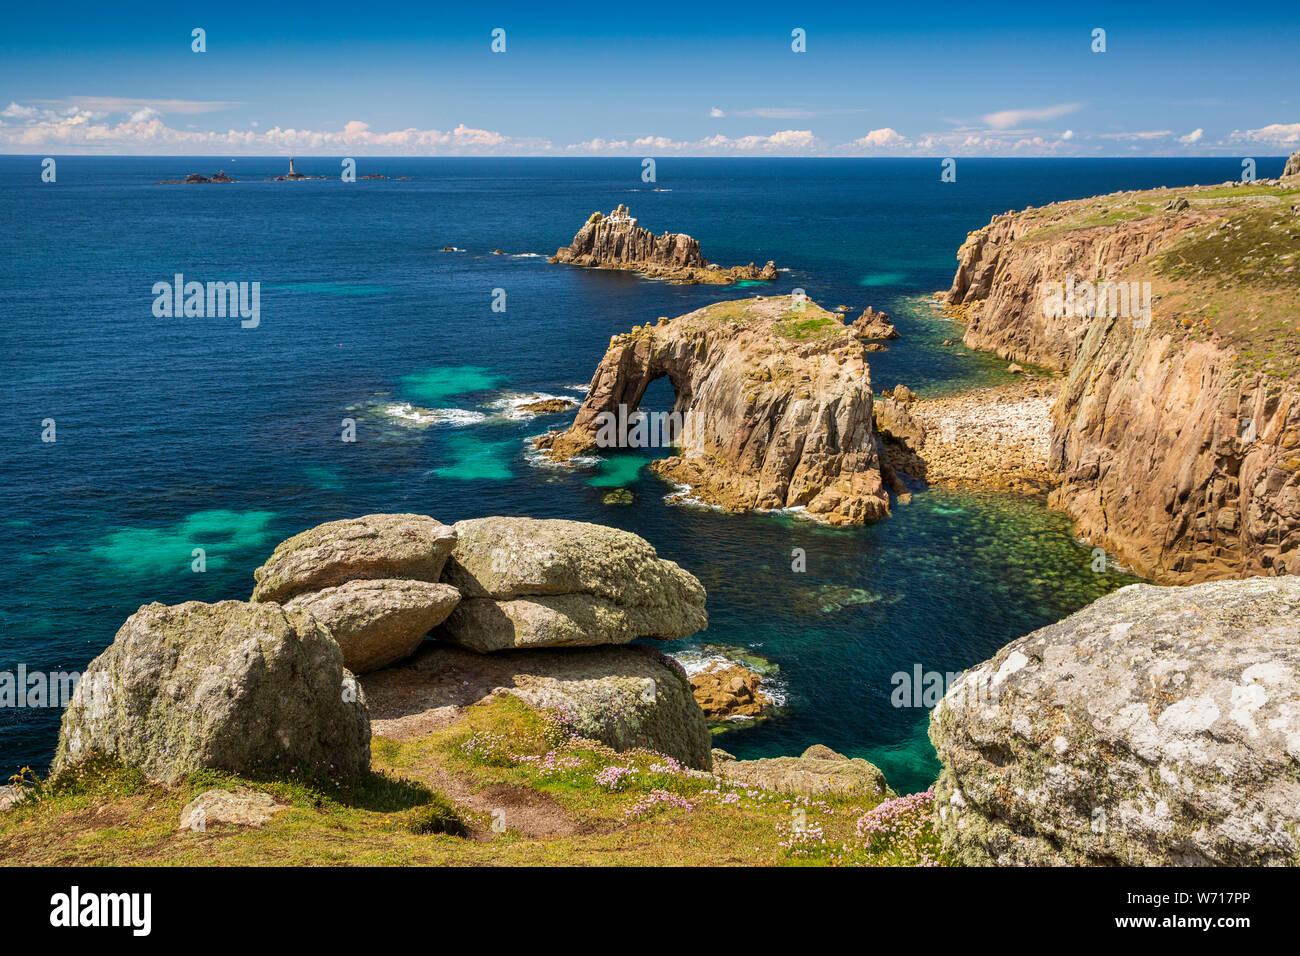 Reino Unido, Inglaterra, Cornwall, Sennen, Land's End, Enys Dodnan island arch y Caballero armado desde el punto Pordenack Foto de stock